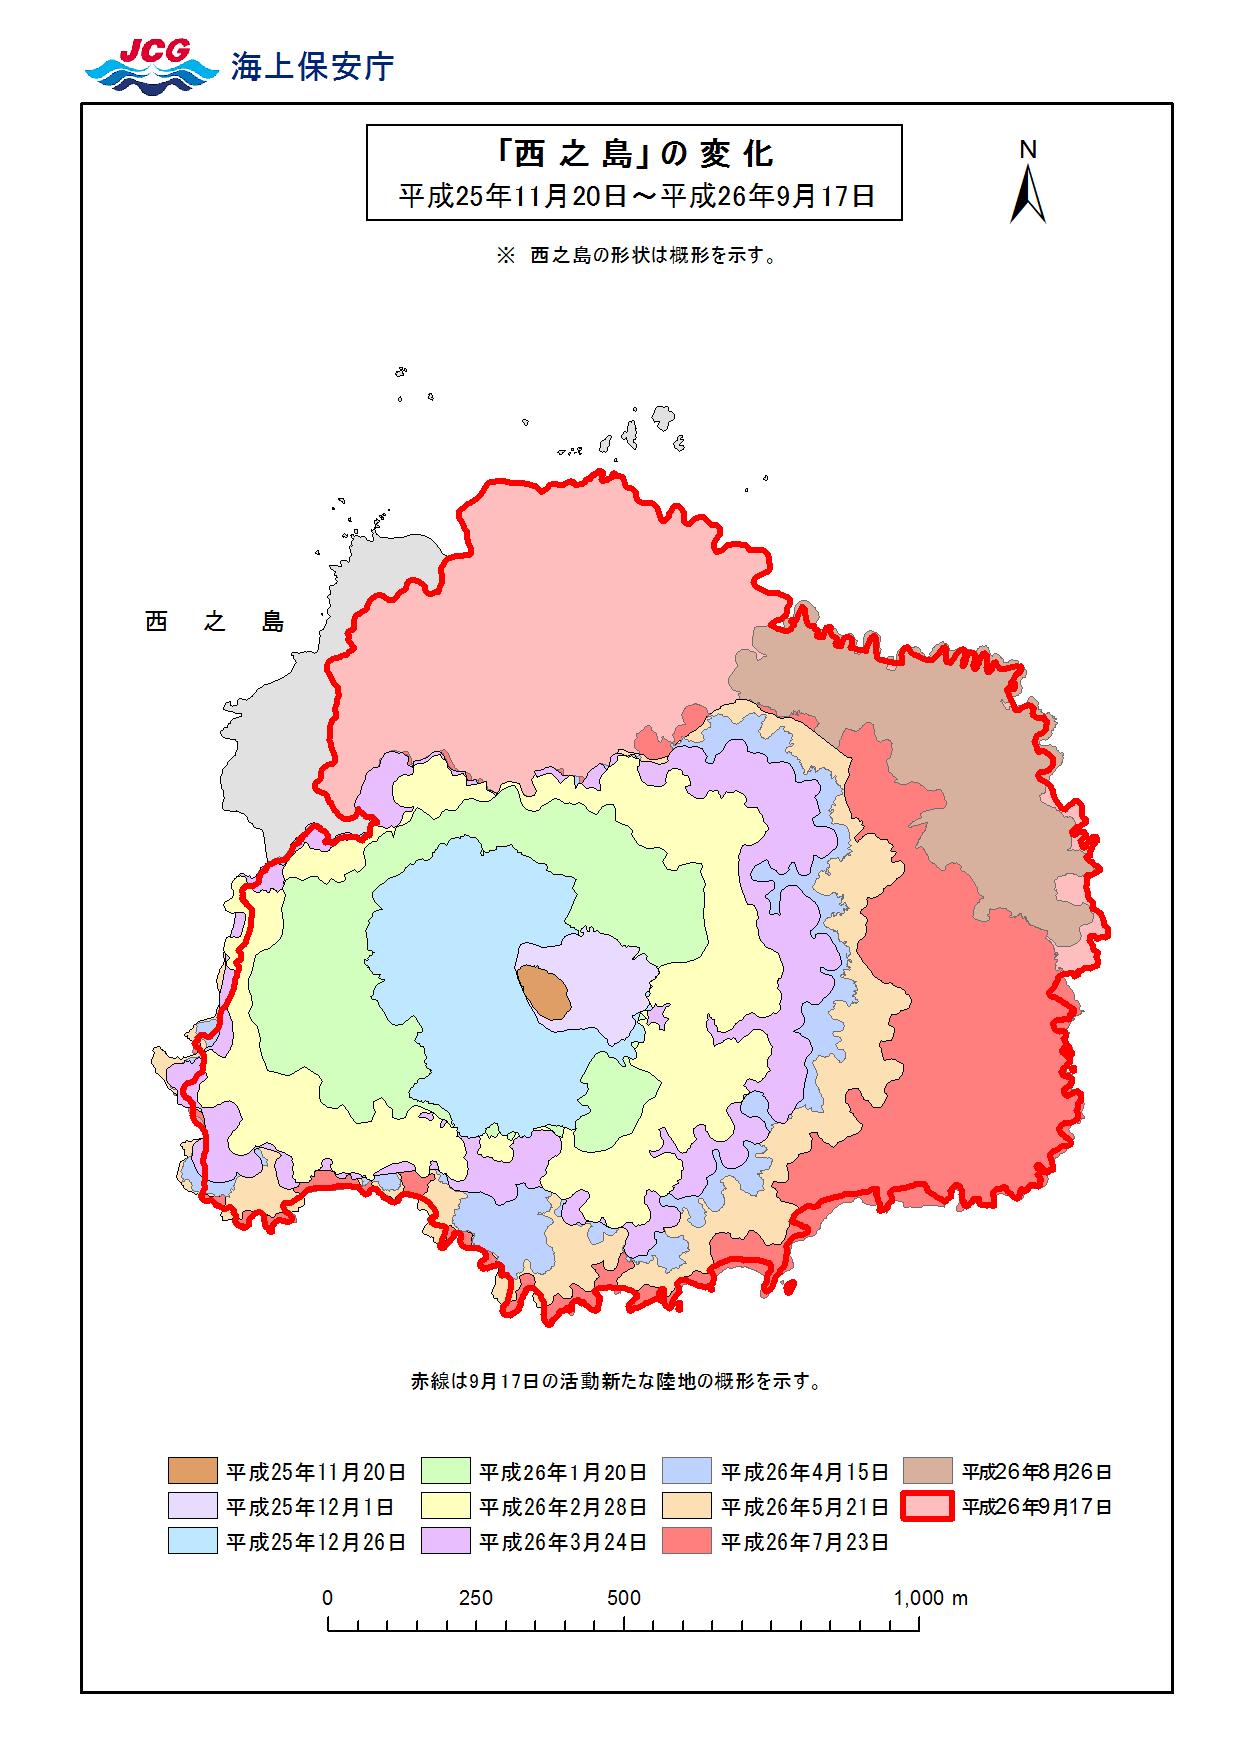 西之島いまだ火山噴火、勢い衰えず…東京ドームの33倍